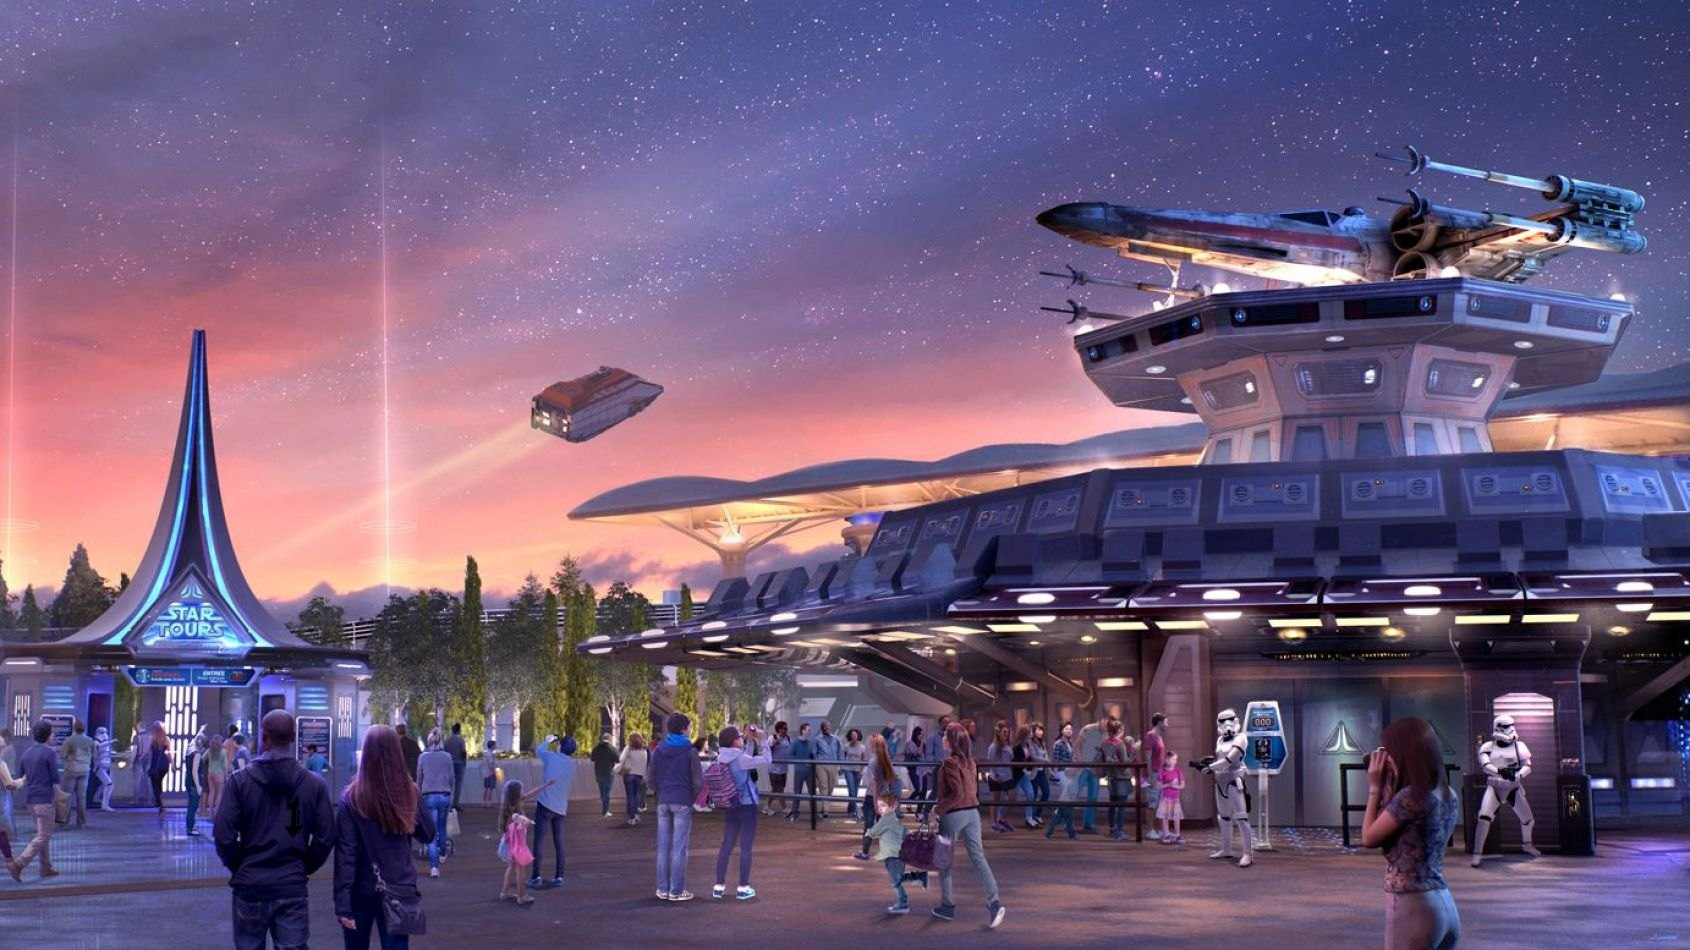 De nouveaux visuels de Star Tours 2 à Disneyland Paris !